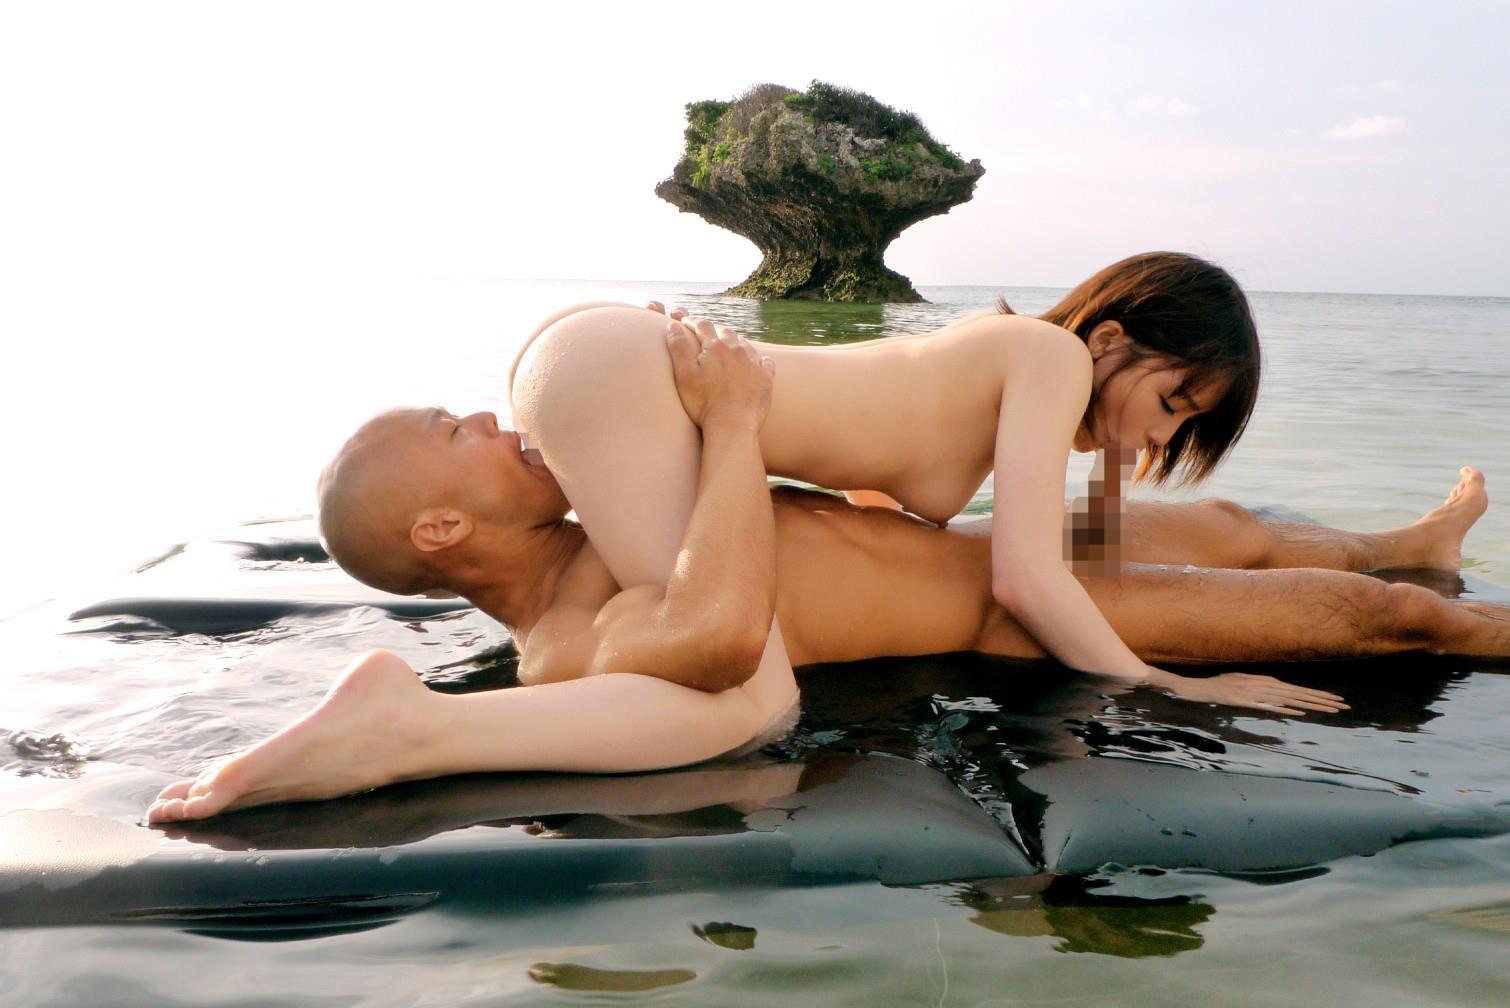 https://img.erogazou-pinkline.com/wp-content/uploads/2015/10/suzumura_airi_428_093.jpg